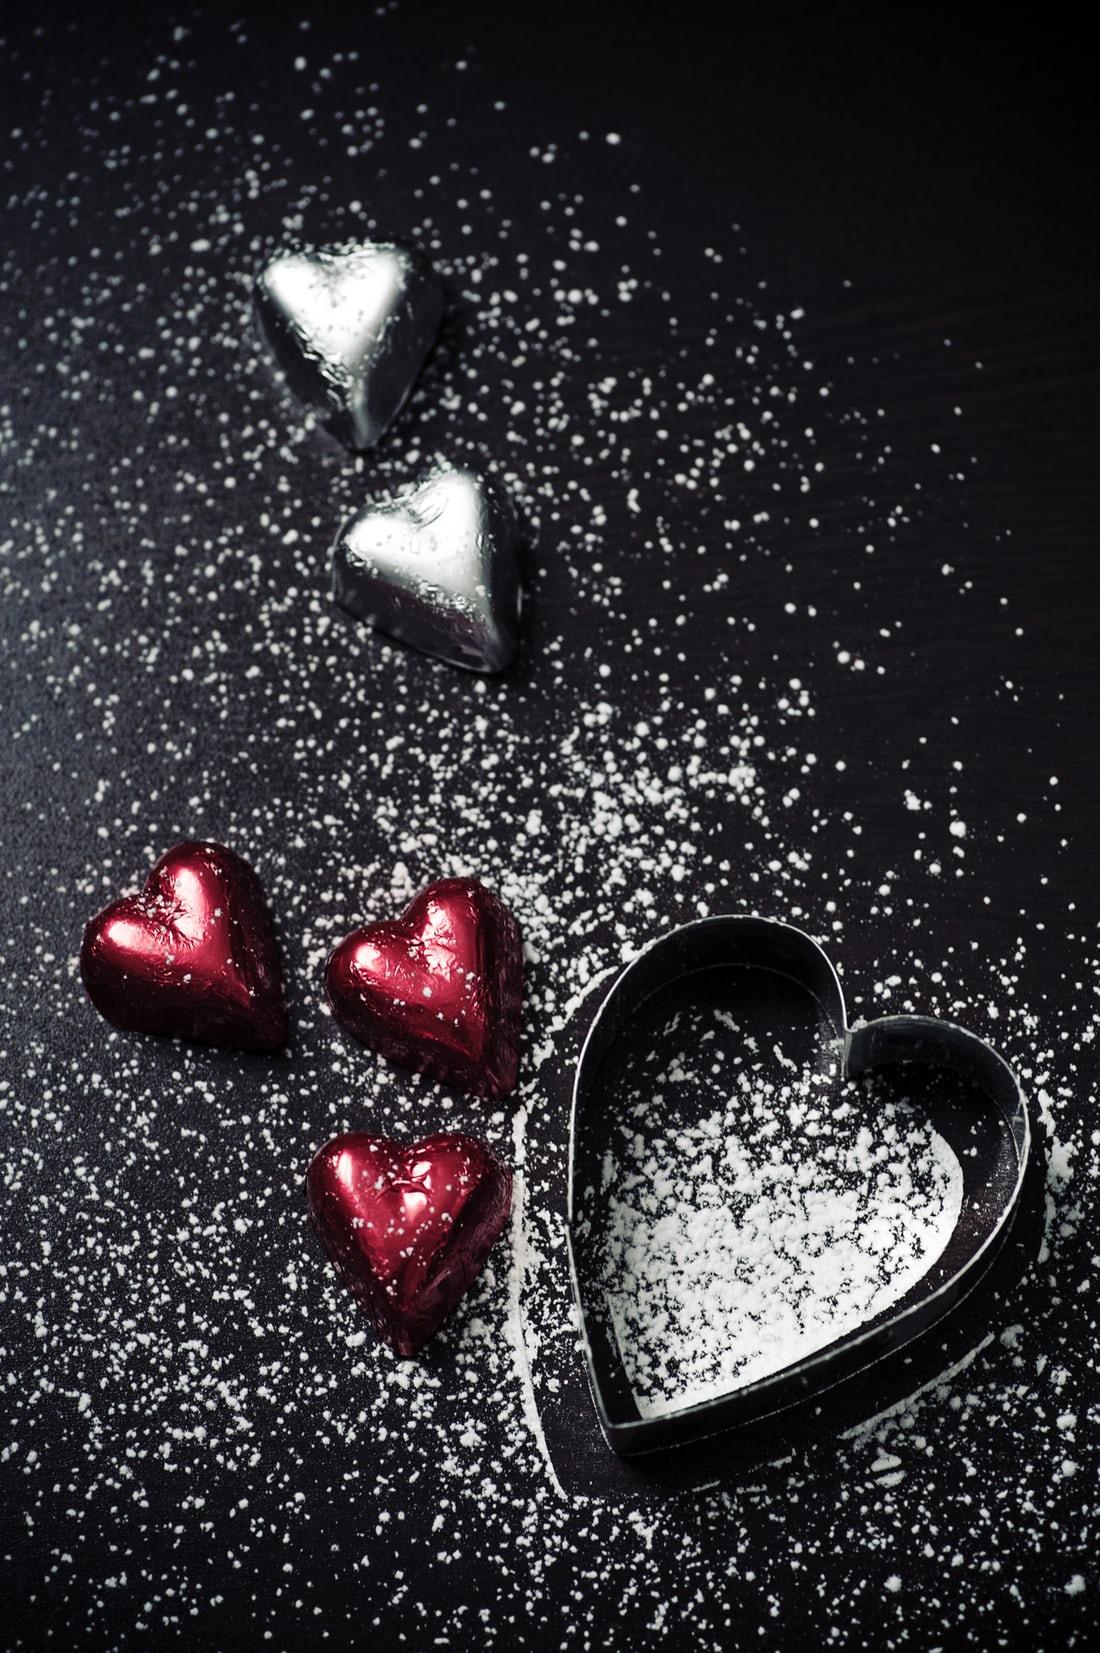 صور حب ورومانسية 1